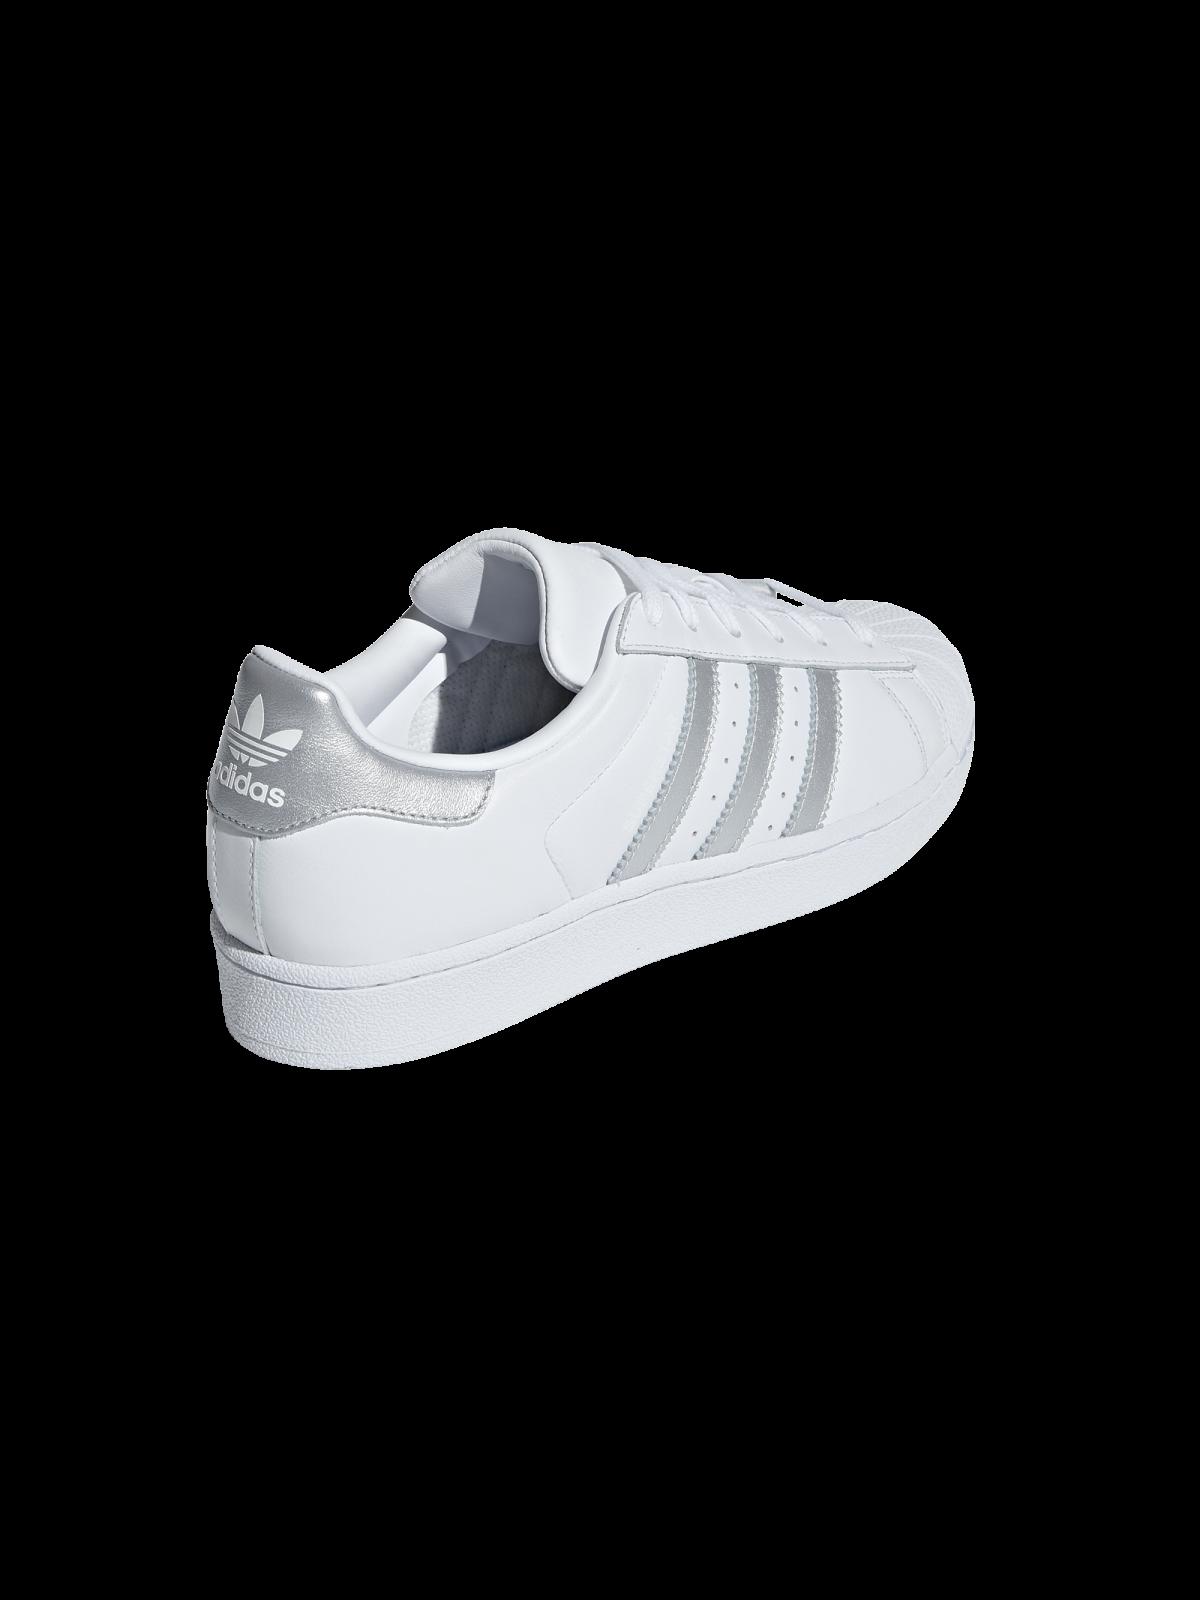 adidas superstar blanche grise